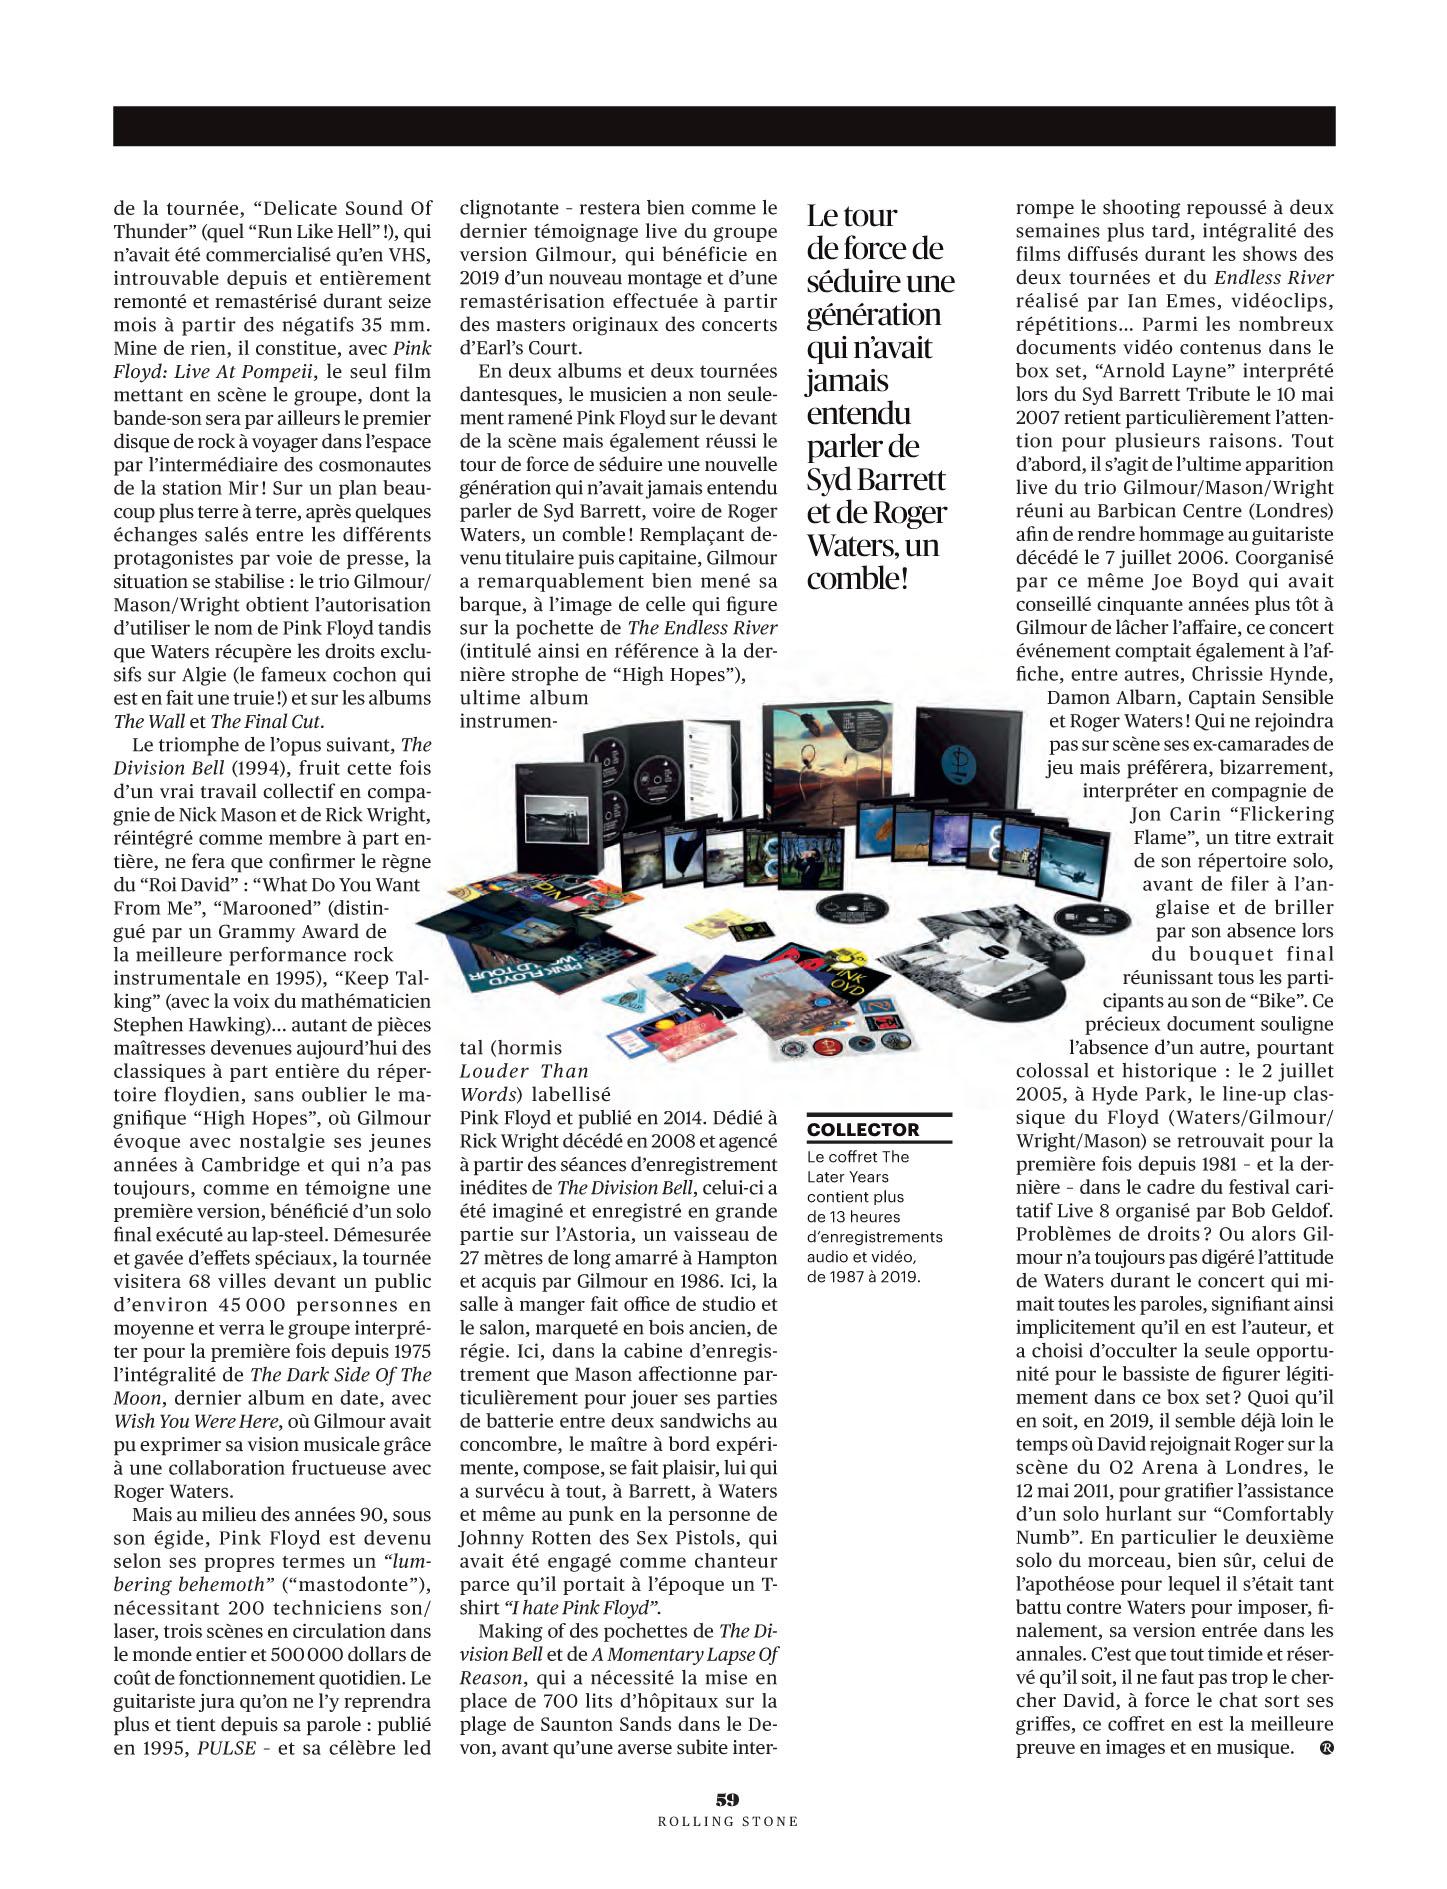 Rolling Stone Fr 2019-12 PFloyd 05.jpg